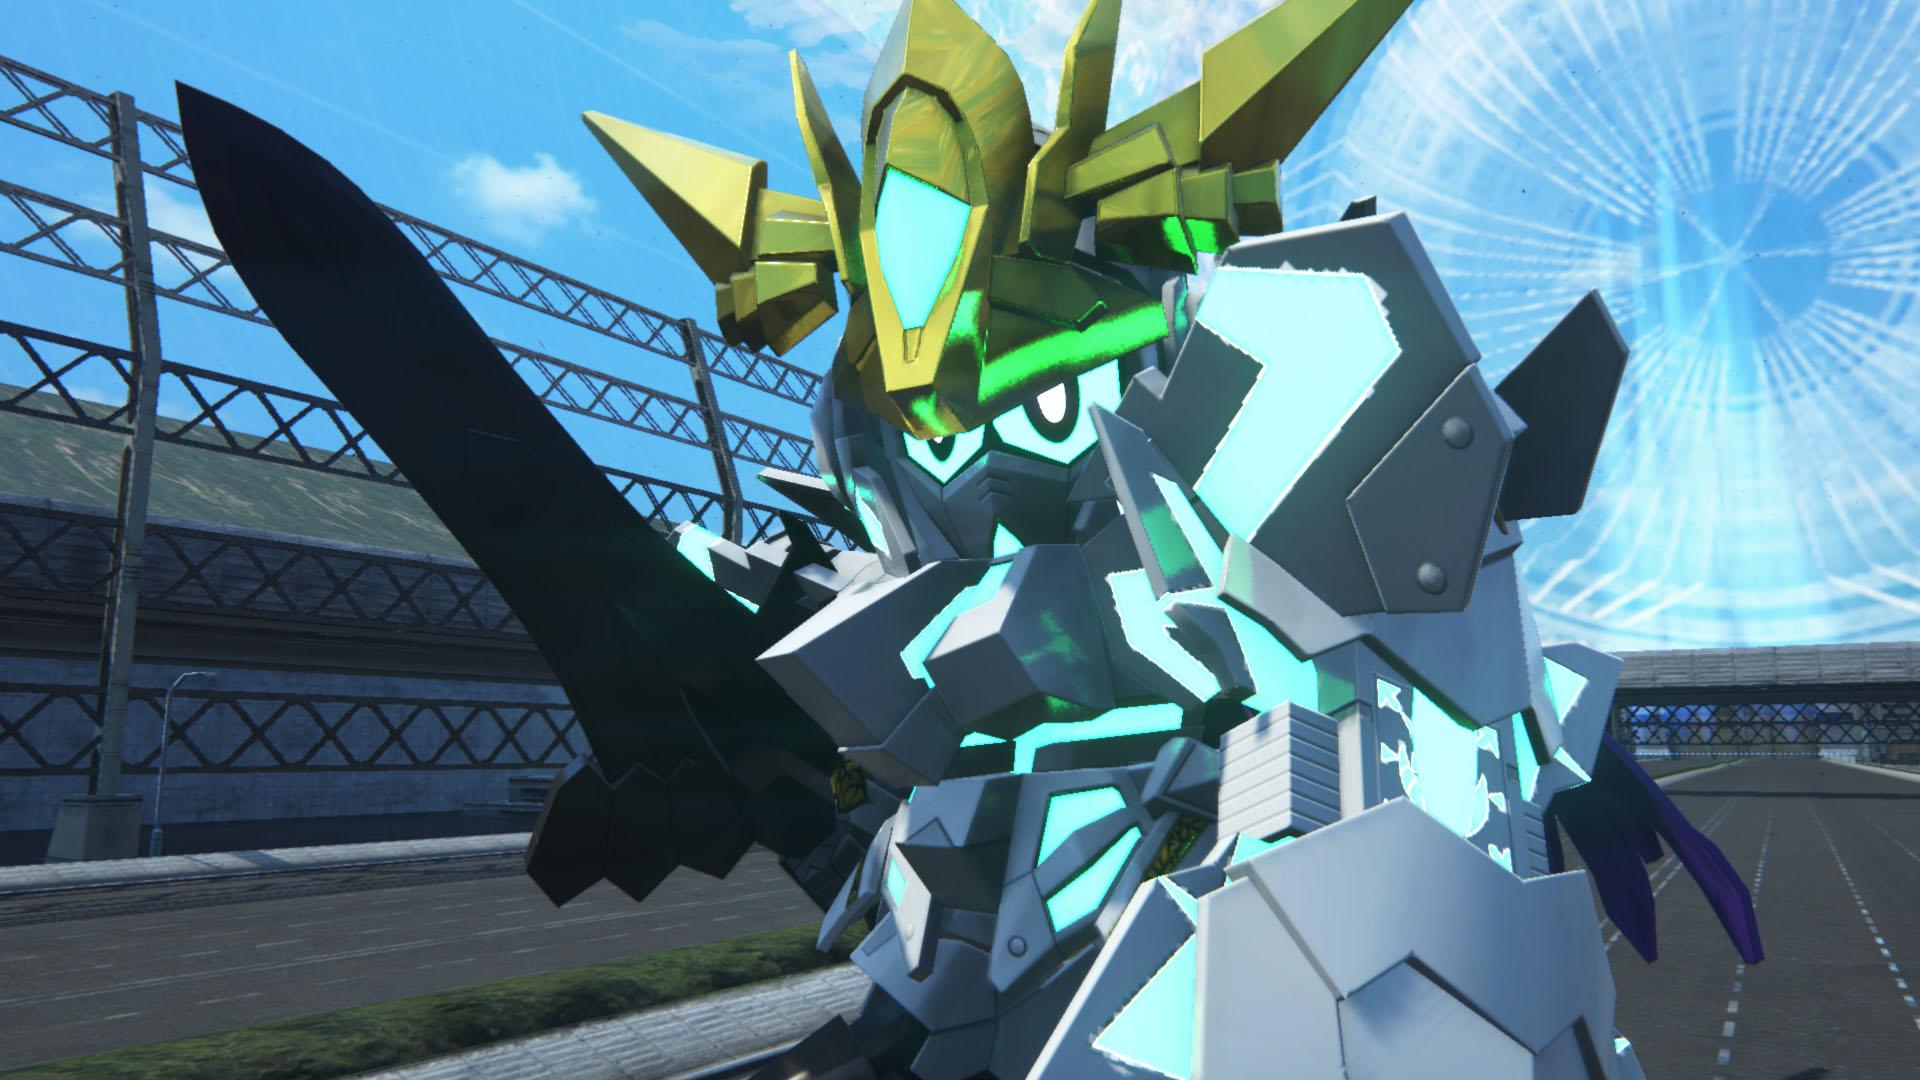 マスク姿だった騎士ユニコーンガンダムがリミッターを解除した真の姿。彼が操る「コール」の魔法は敵を滅する光の雨を降らせる